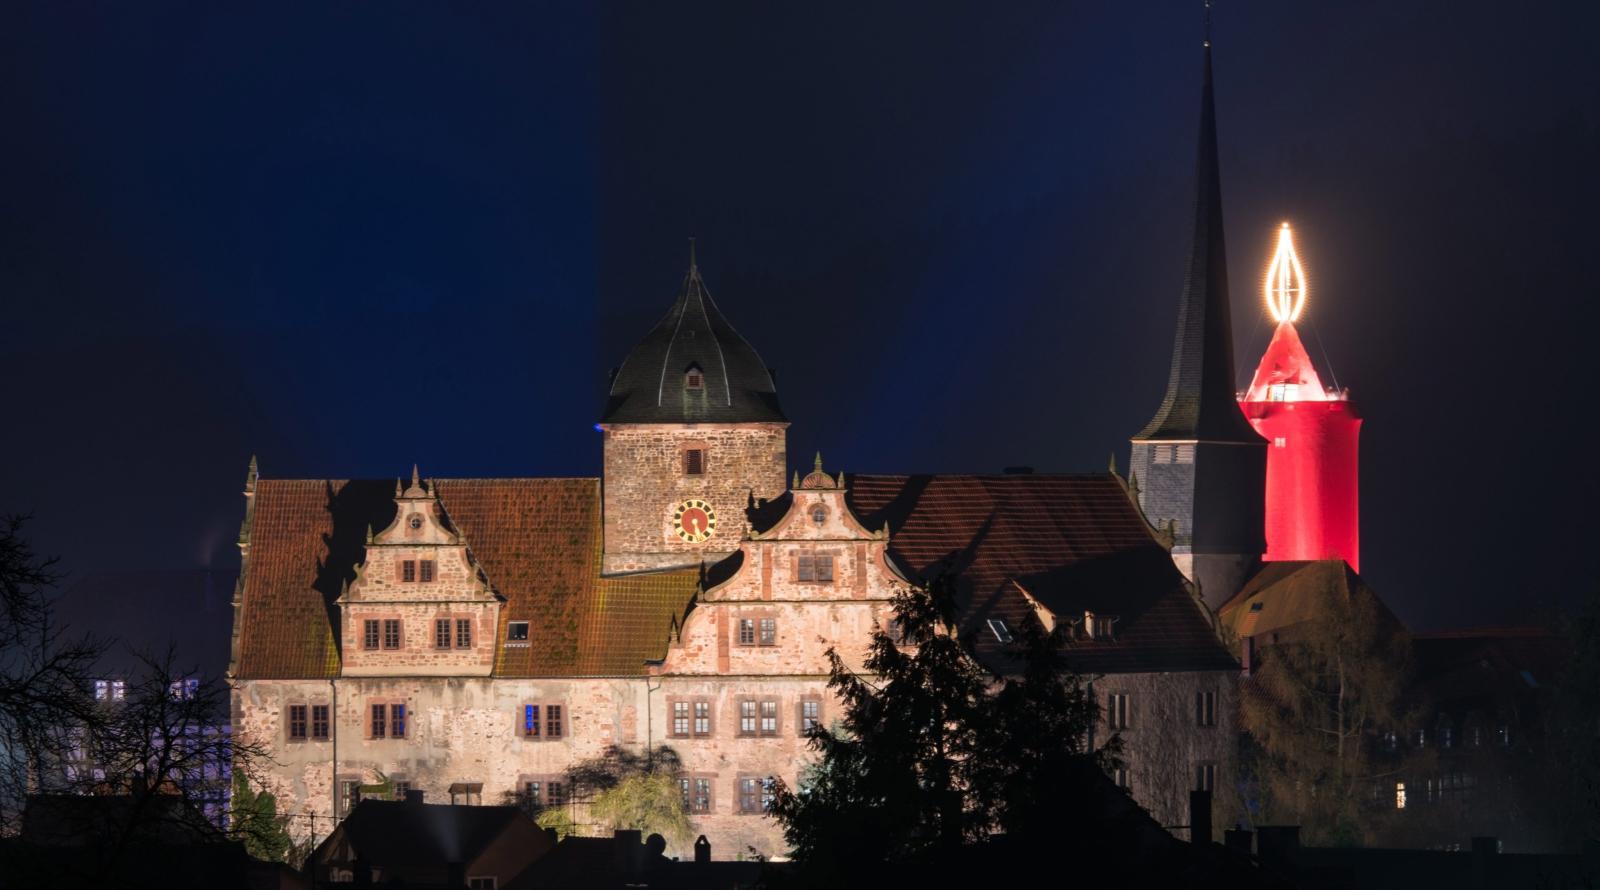 Największa na świecie świąteczna świeczka w miejscowości Schlitz, Niemcy.